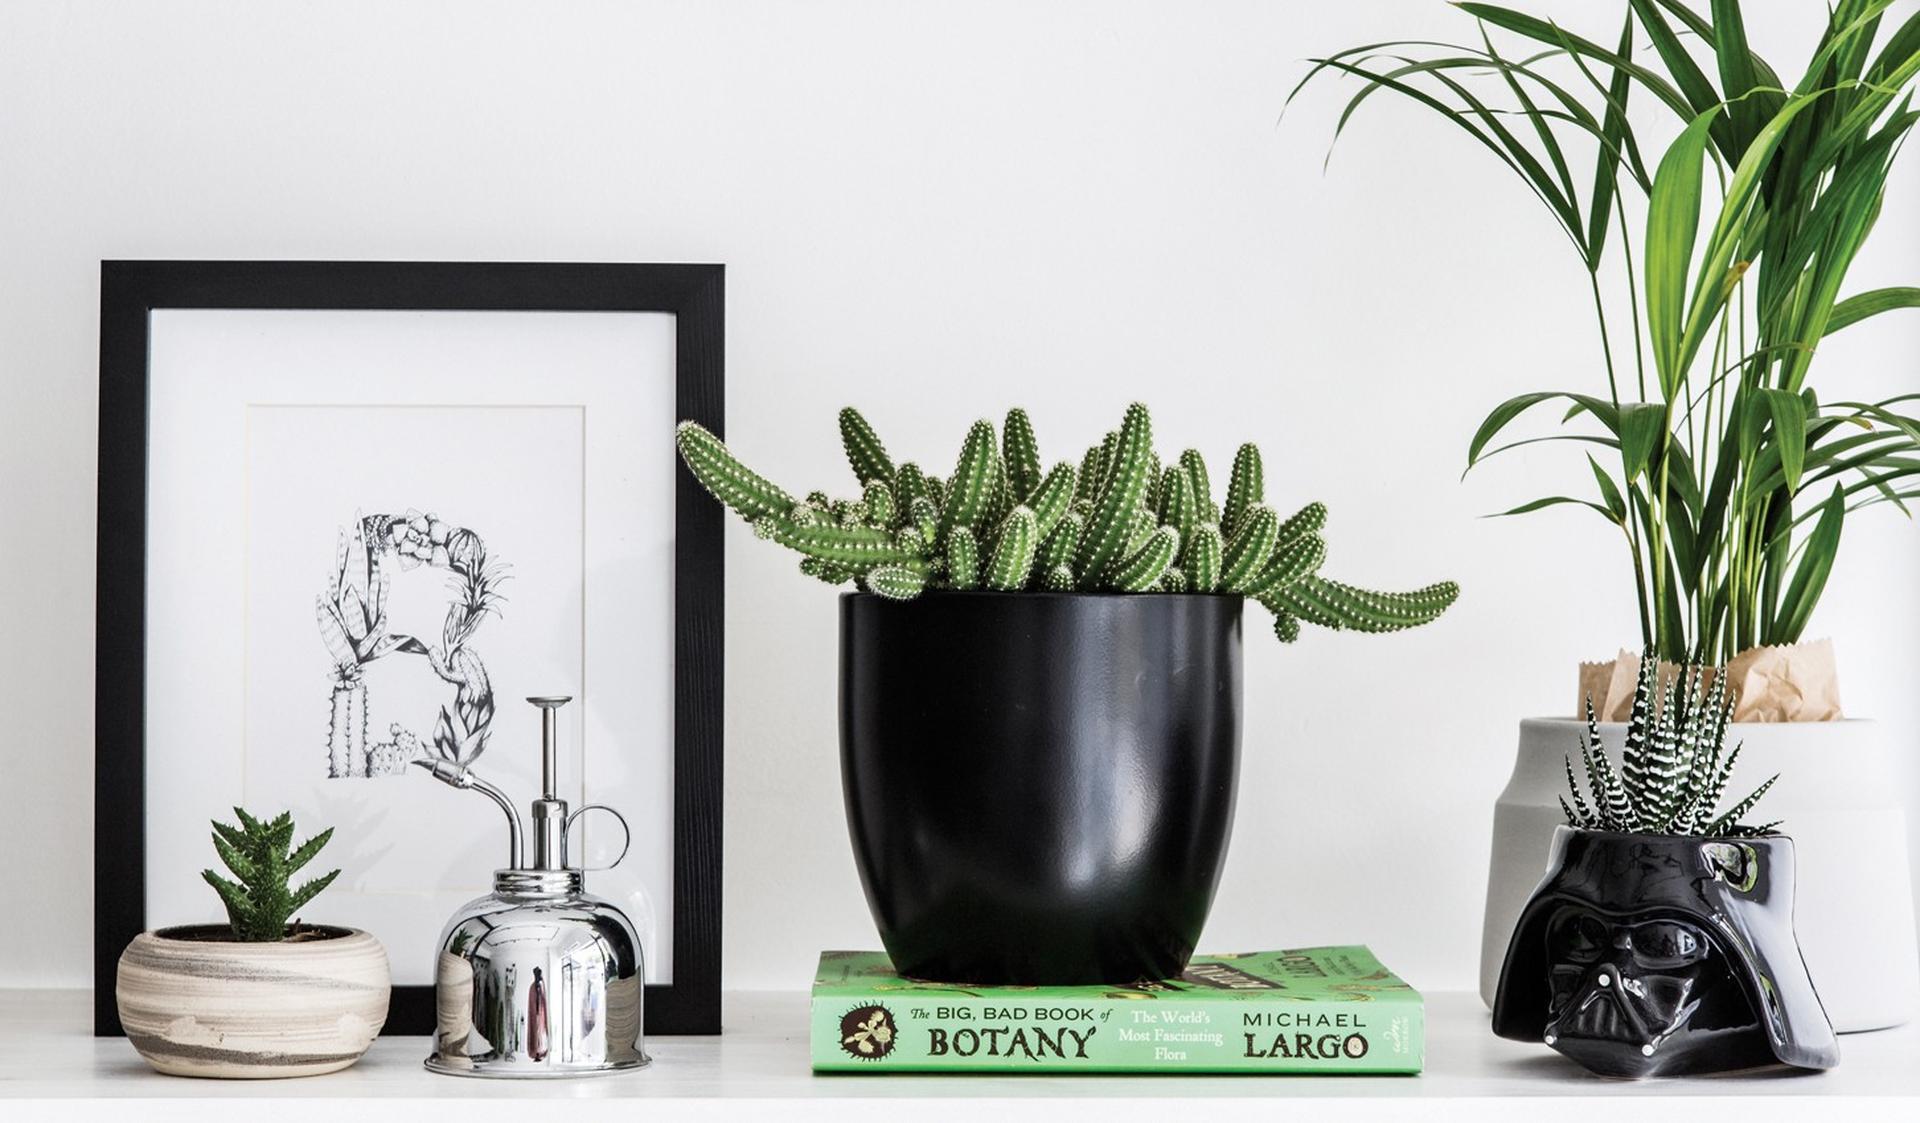 חנות אורבנית רק לעציצים וצמחים, We Love Plants